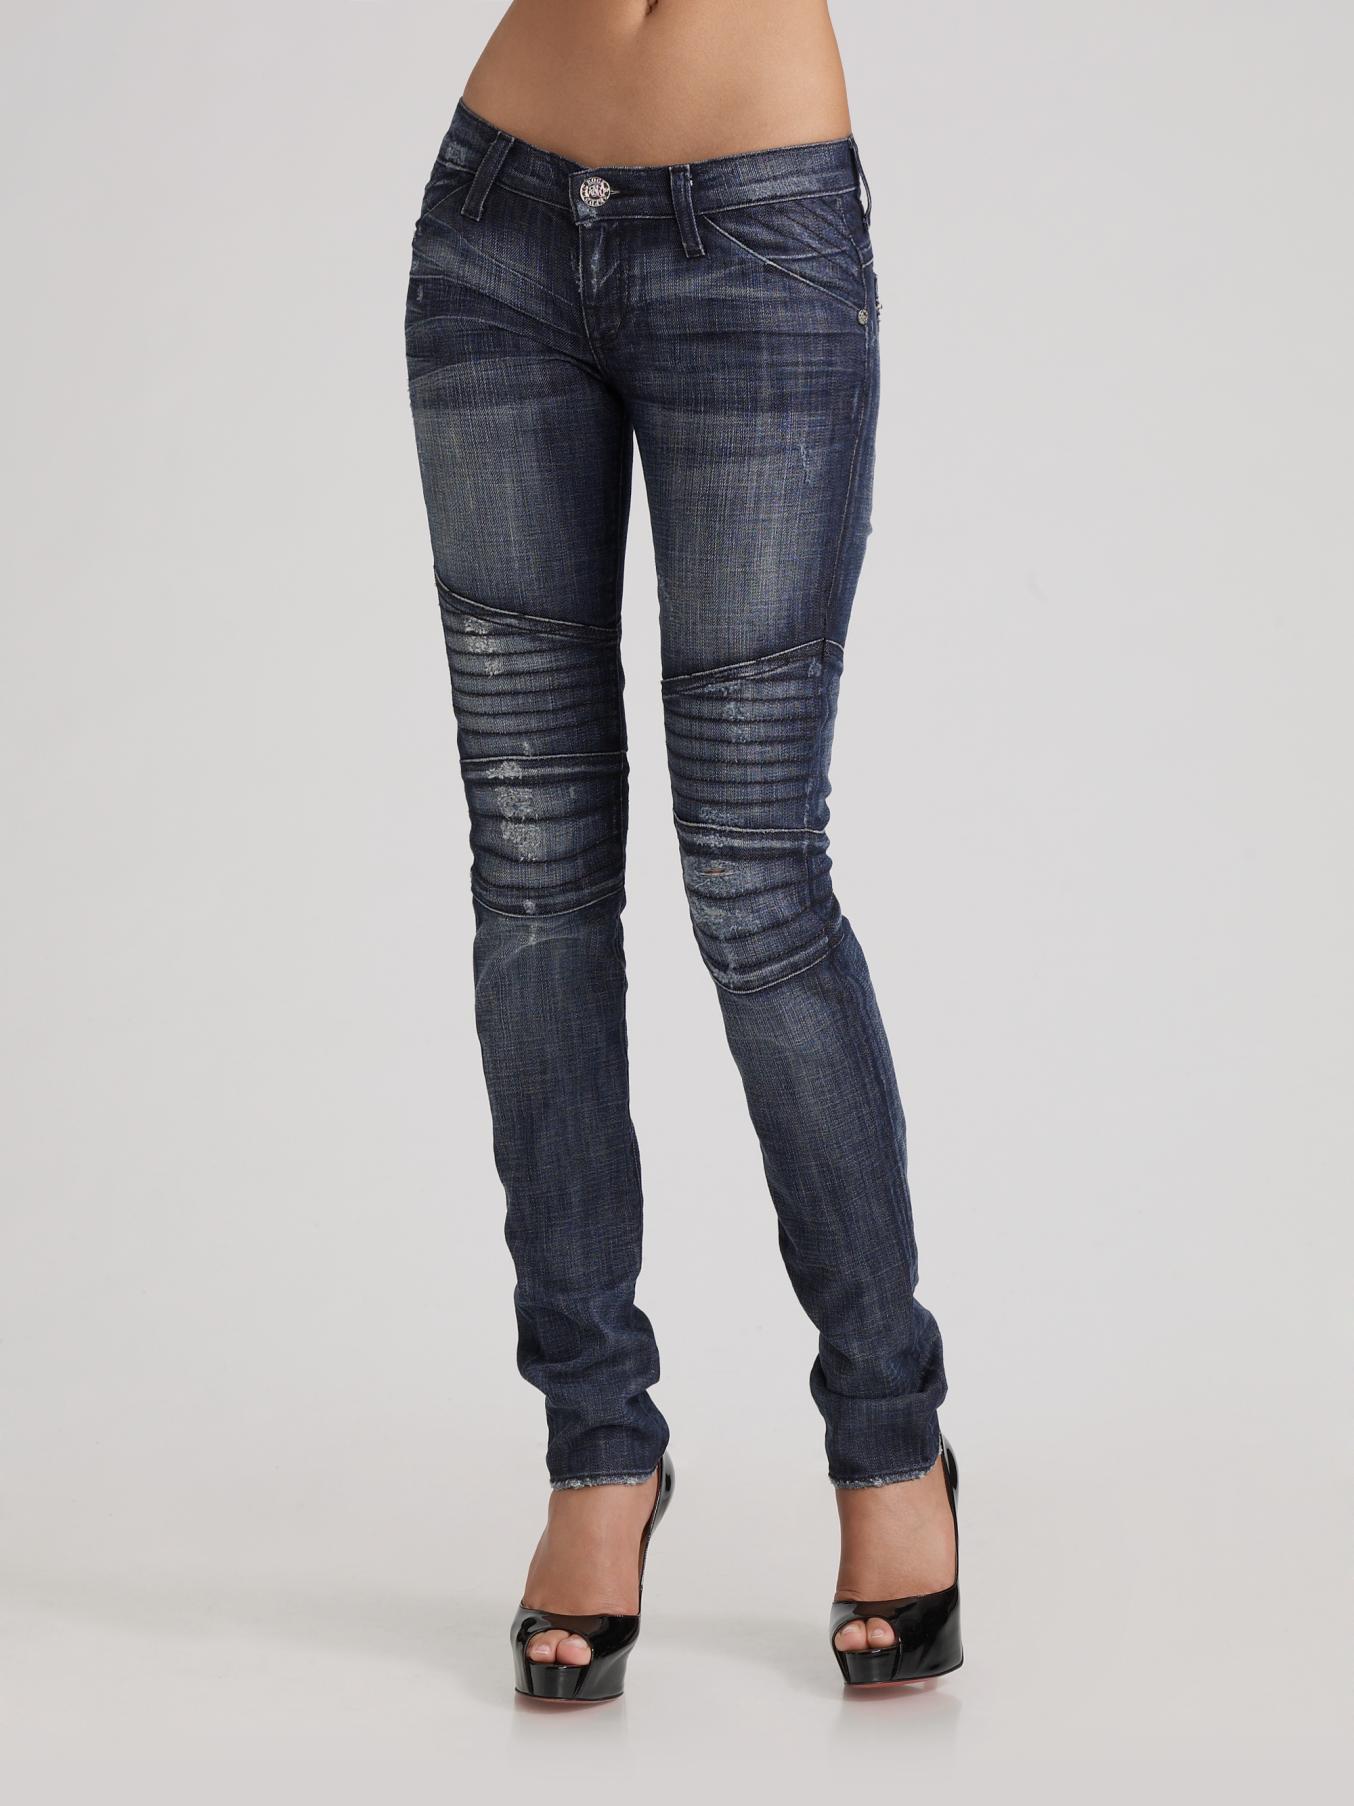 Rock Republic Jeans Women